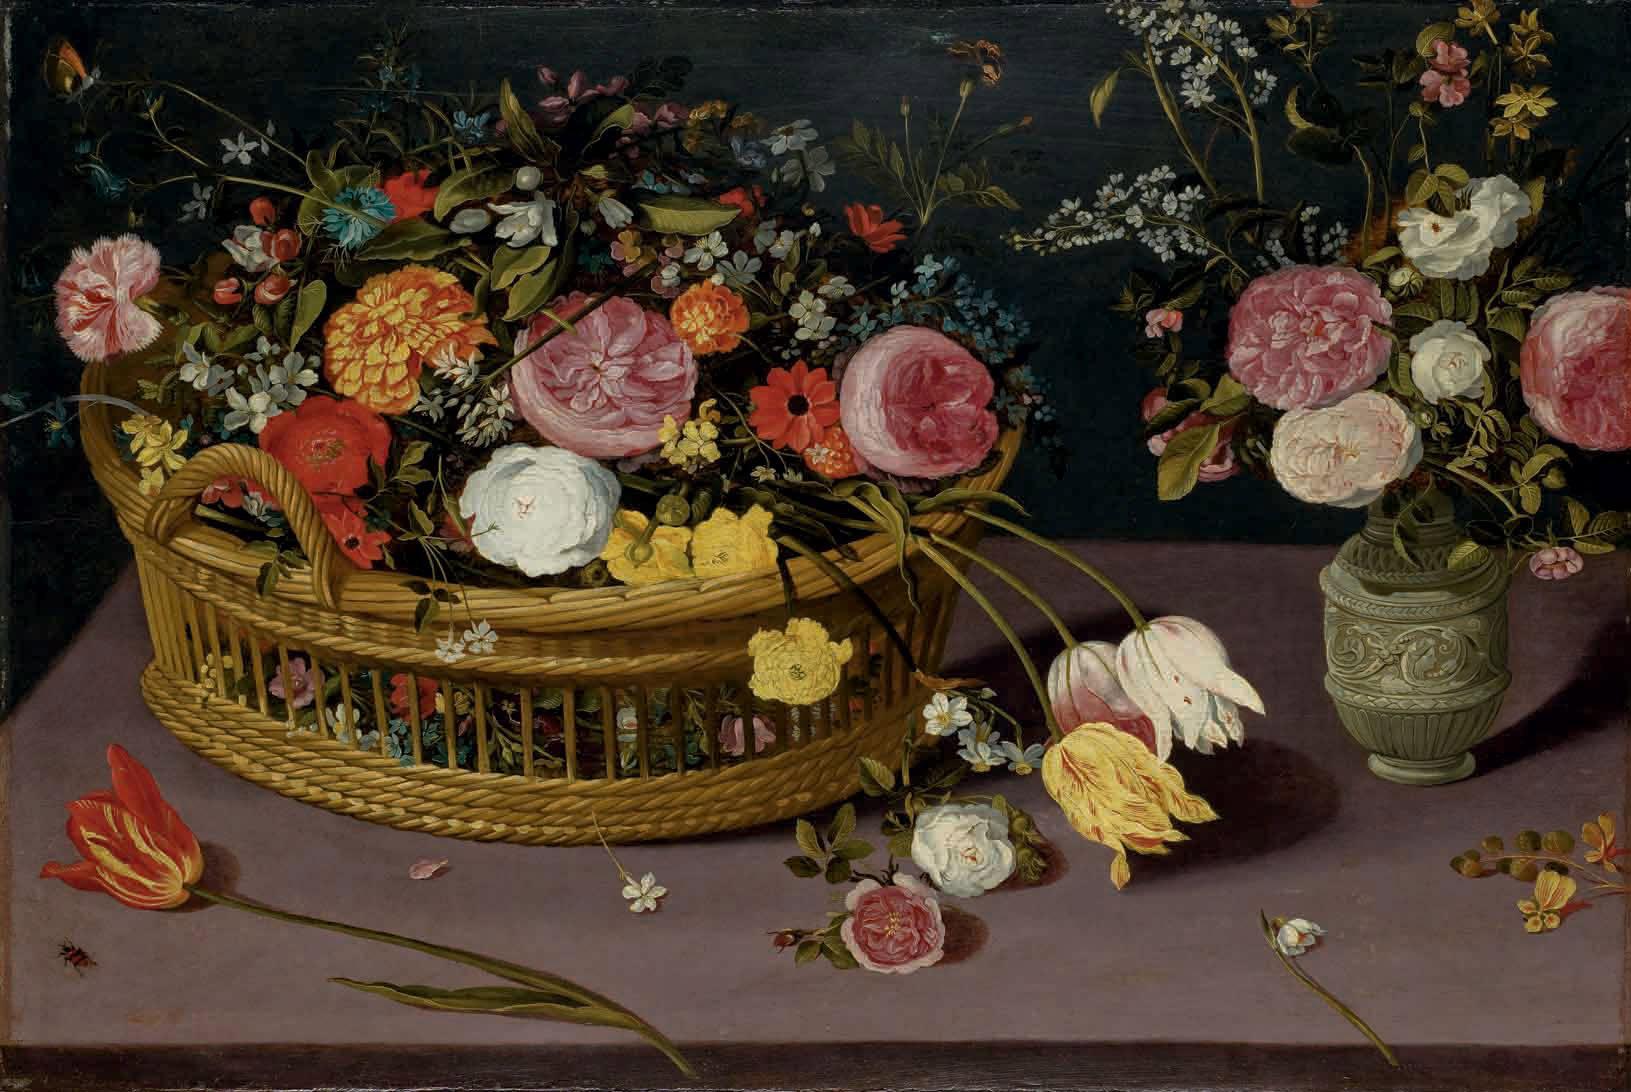 Fleurs dans une corbeille en osier et un vase de fleurs sur un entablement en pierre